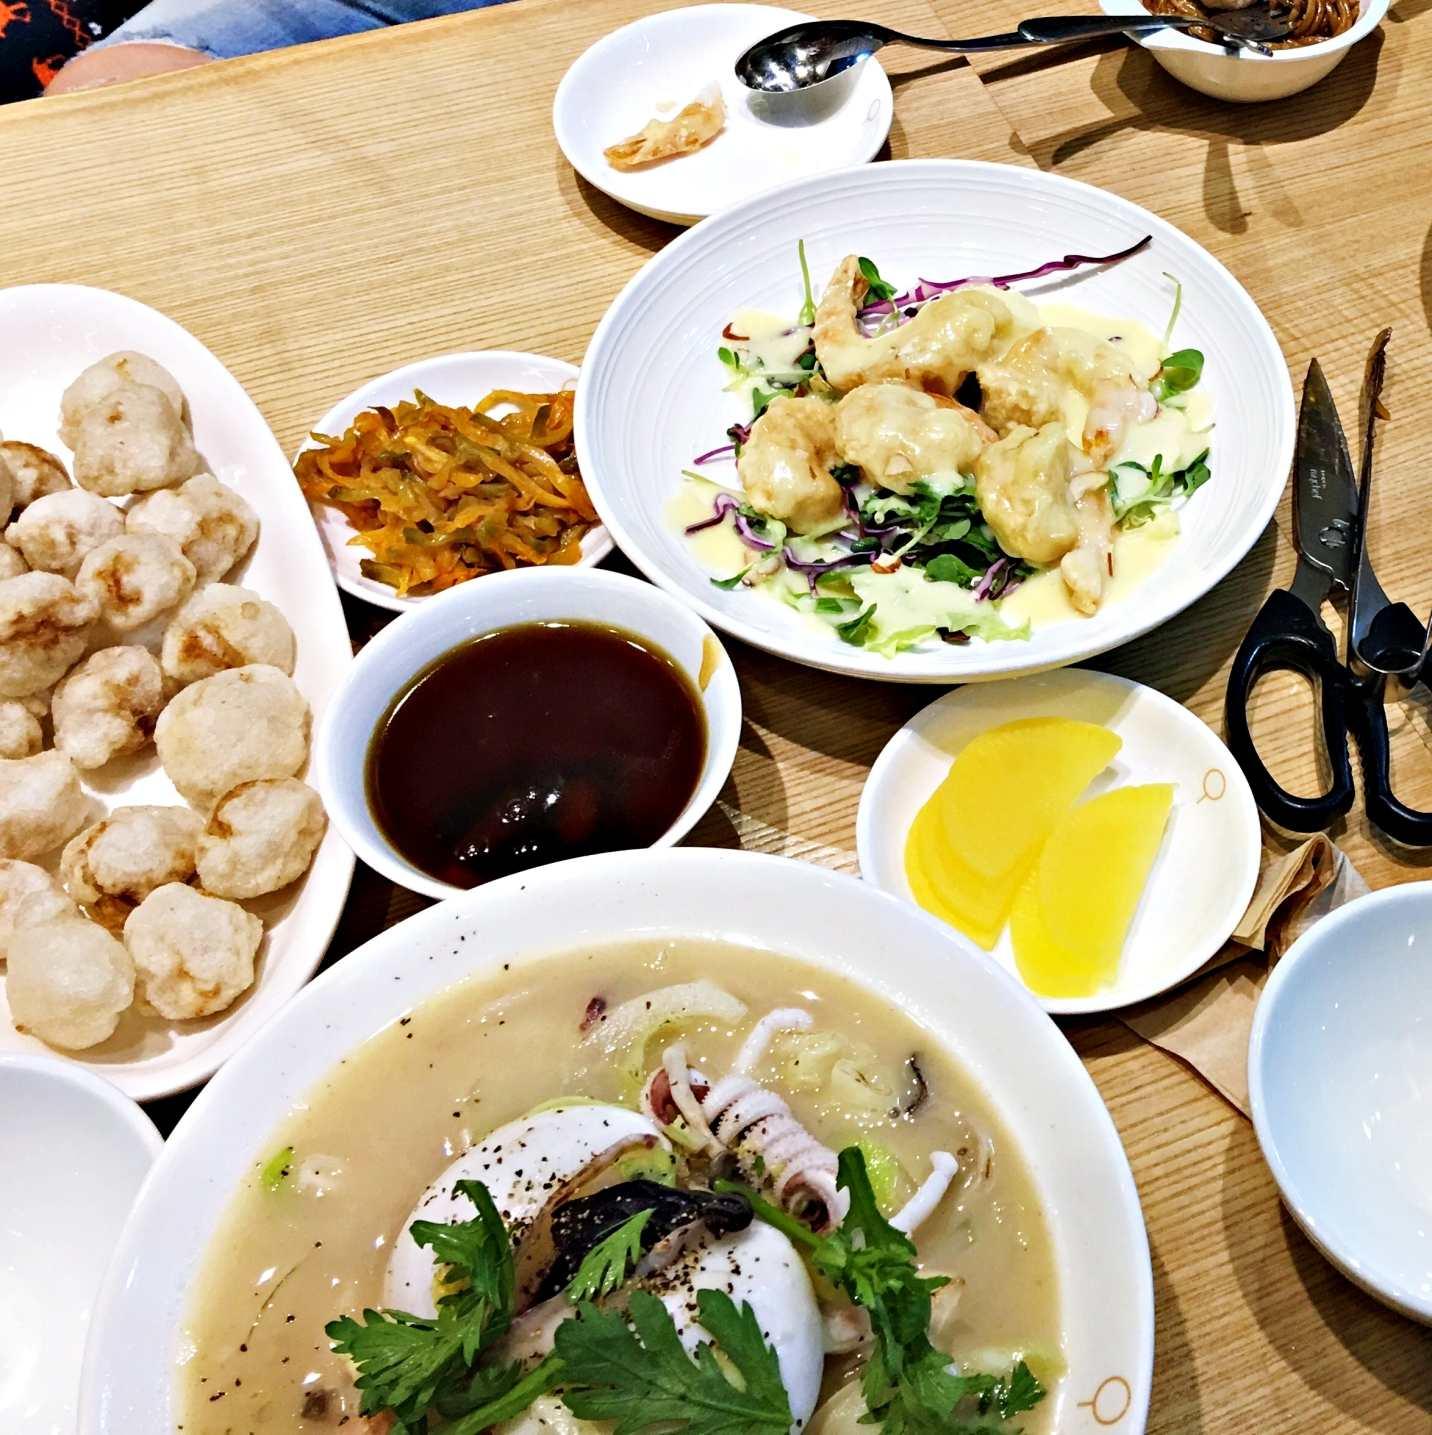 小編點了套餐組合,有糖醋肉跟炸奶油鮮蝦及白海鮮湯麵、紅海鮮湯麵。